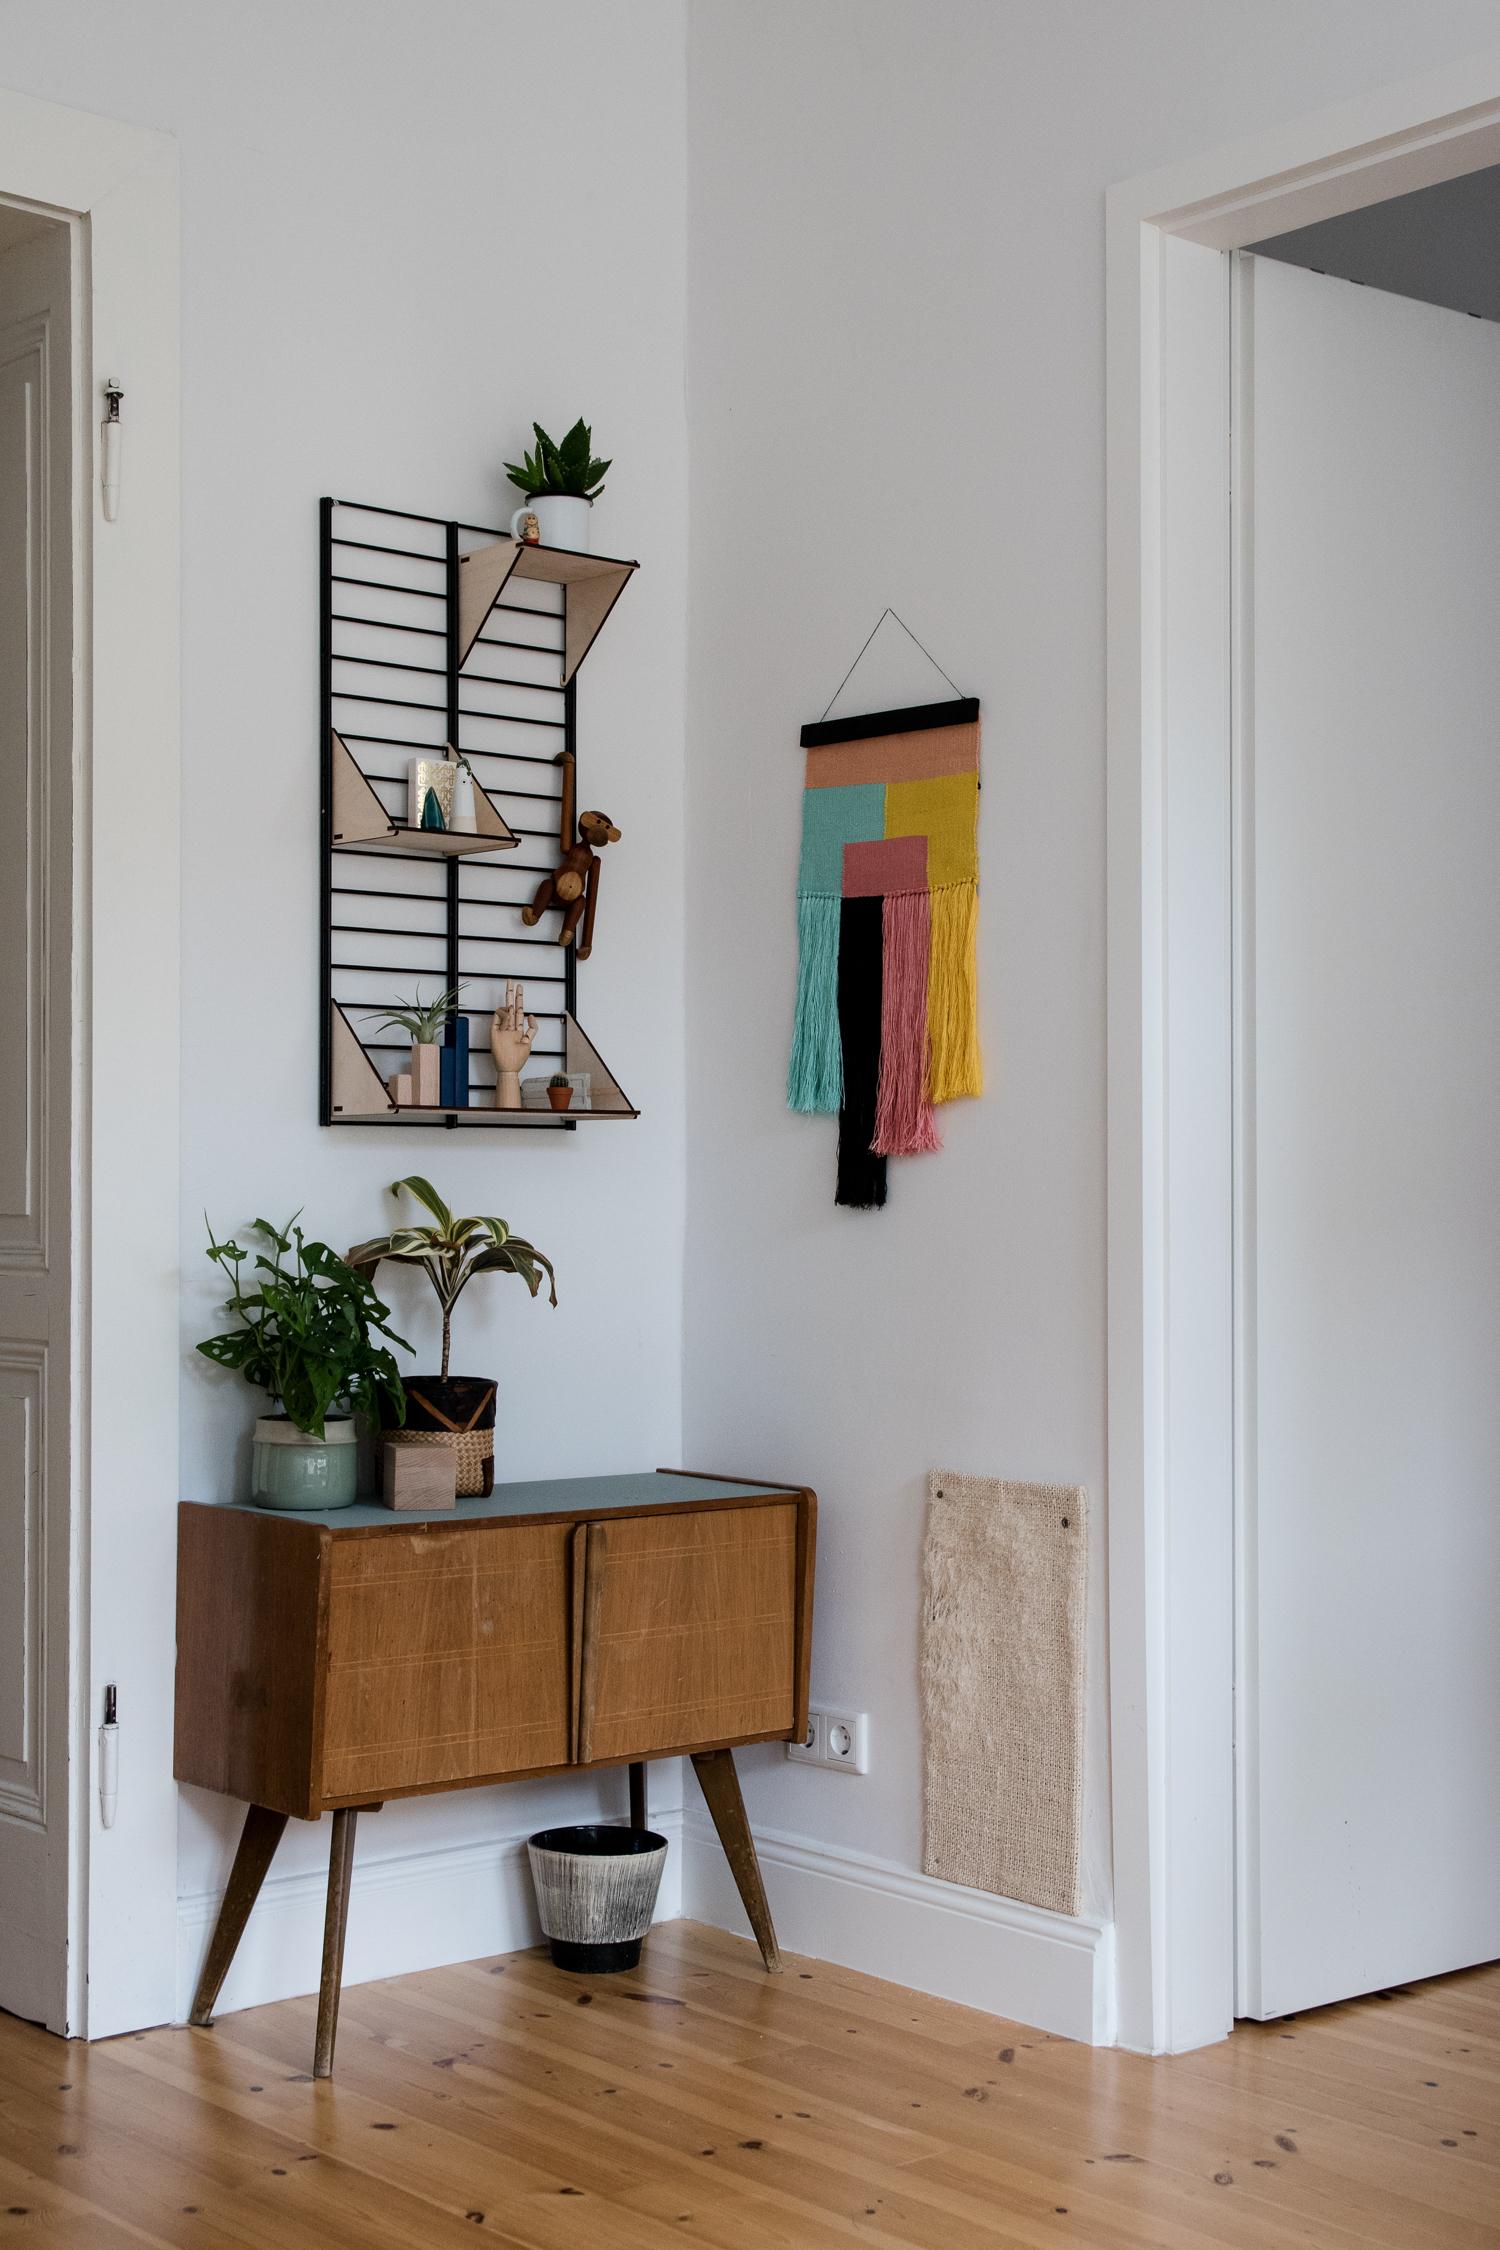 der st ndige drang nach ver nderung oder warum muss ich alle paar wochen meine wohnung. Black Bedroom Furniture Sets. Home Design Ideas